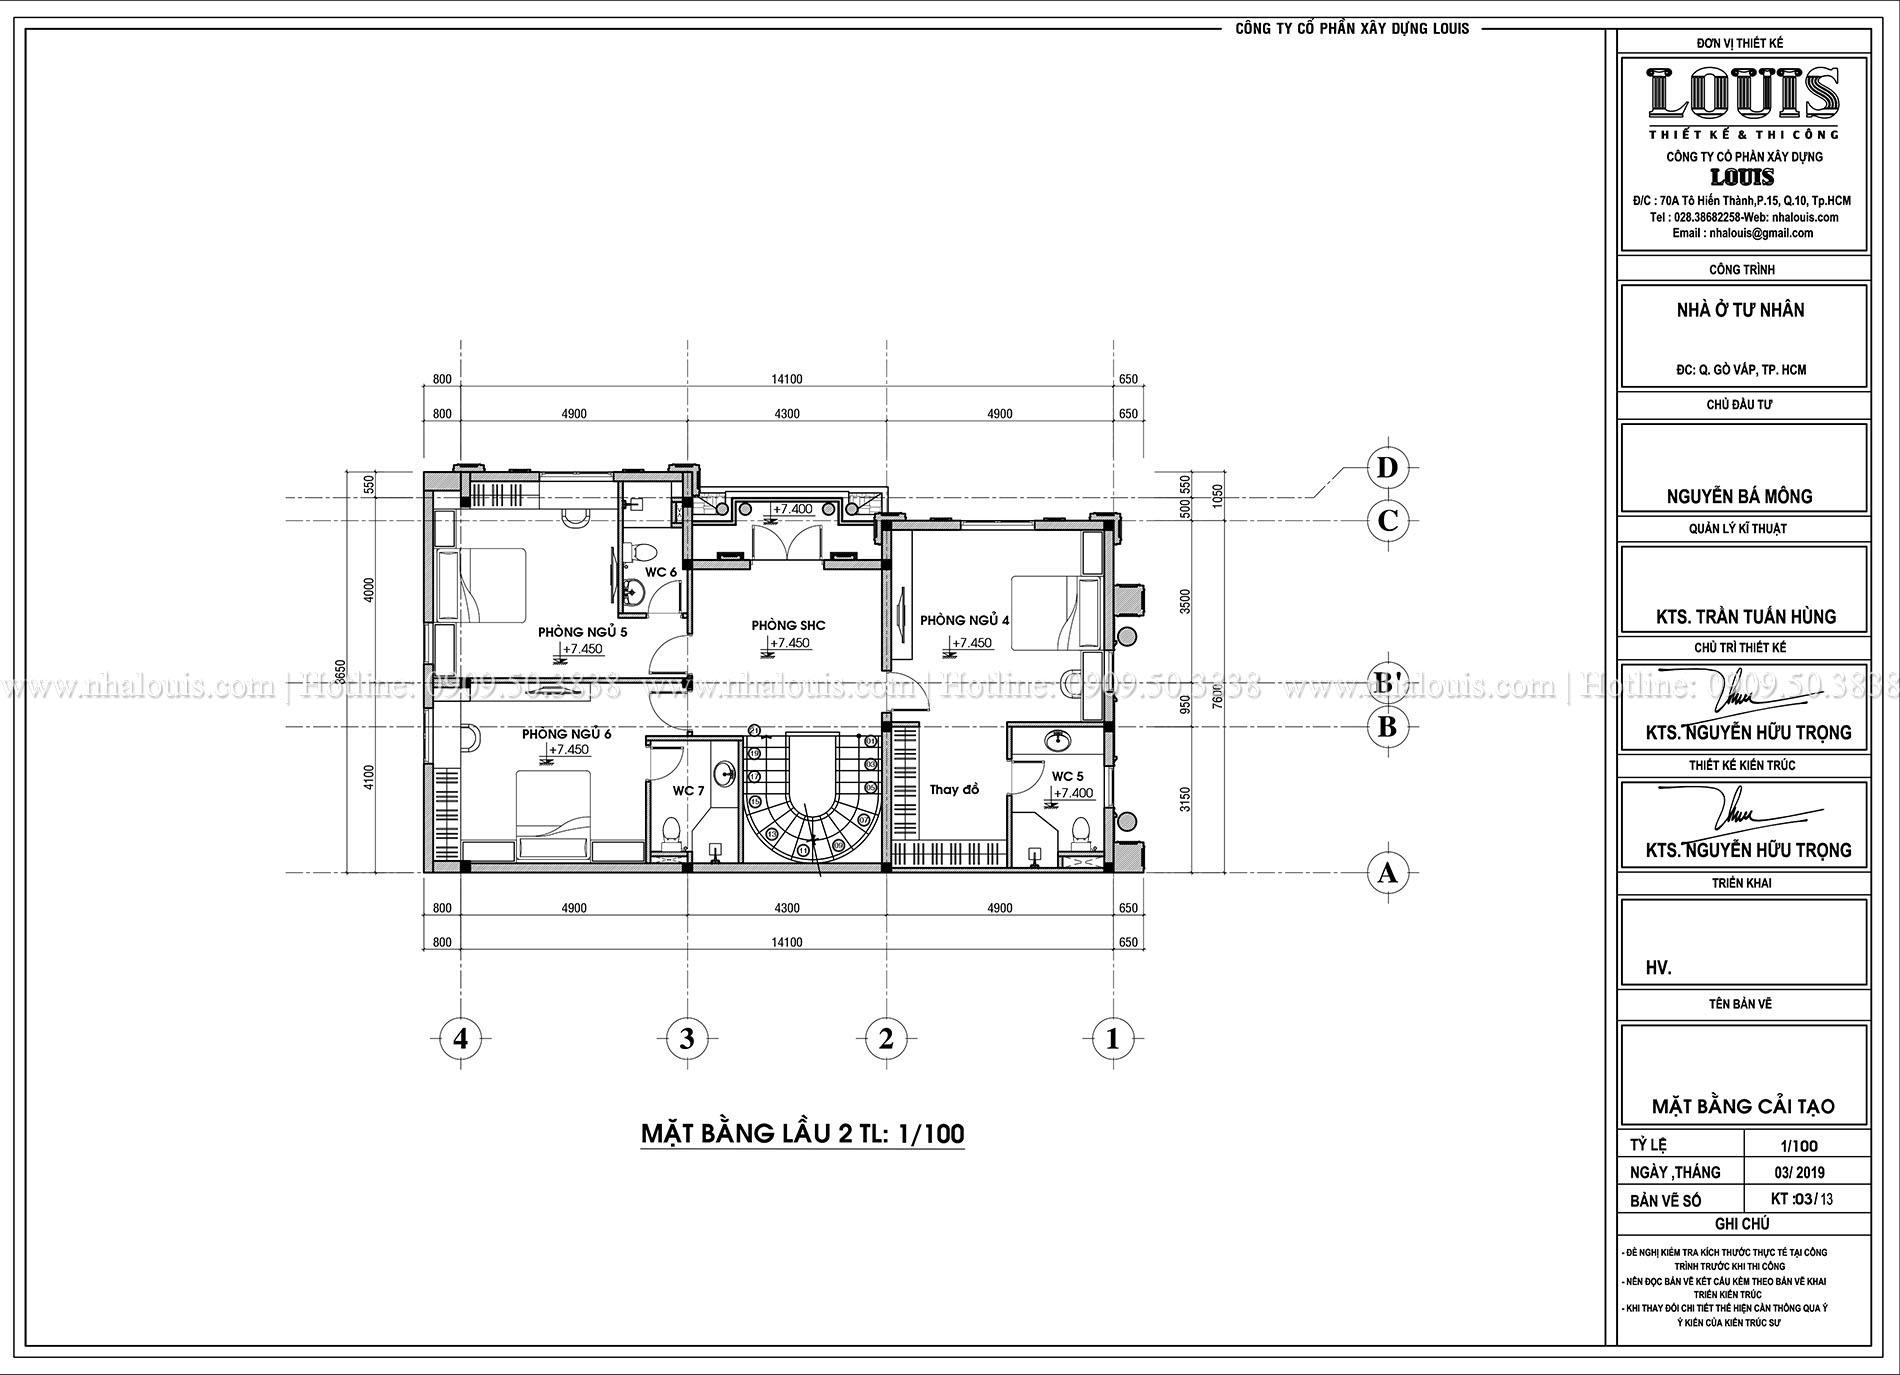 Thiết kế cải tạo biệt thự 4 tầng đẹp ngỡ ngàng tại Quận Gò Vấp